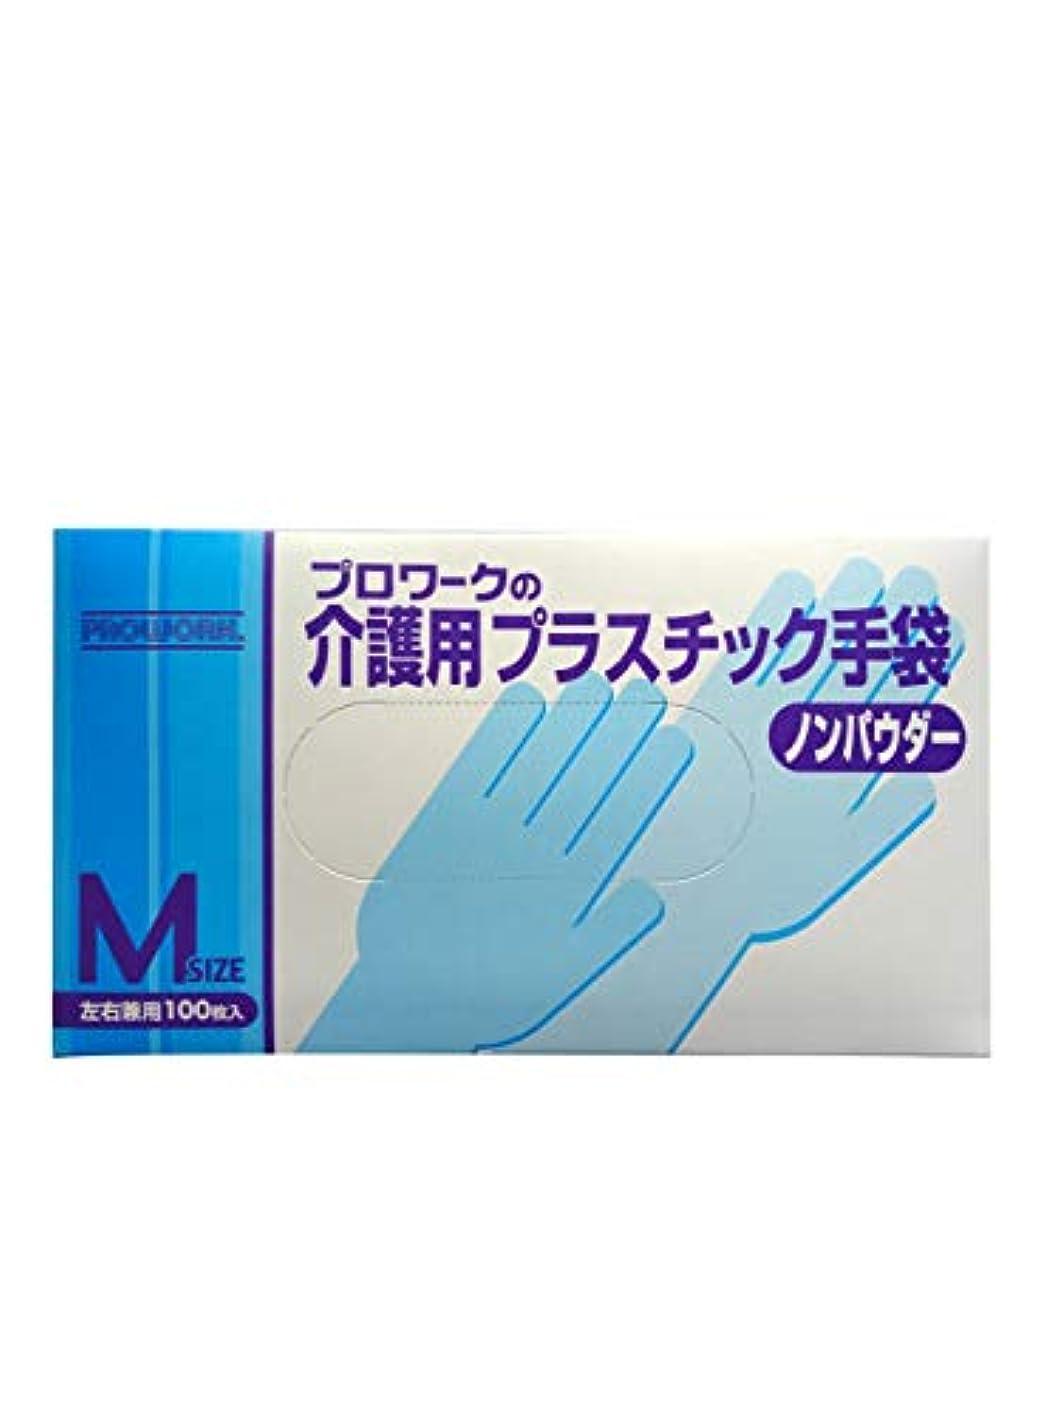 温帯質素な調停者介護用プラスチック手袋 ノンパウダー Mサイズ 左右兼用100枚入